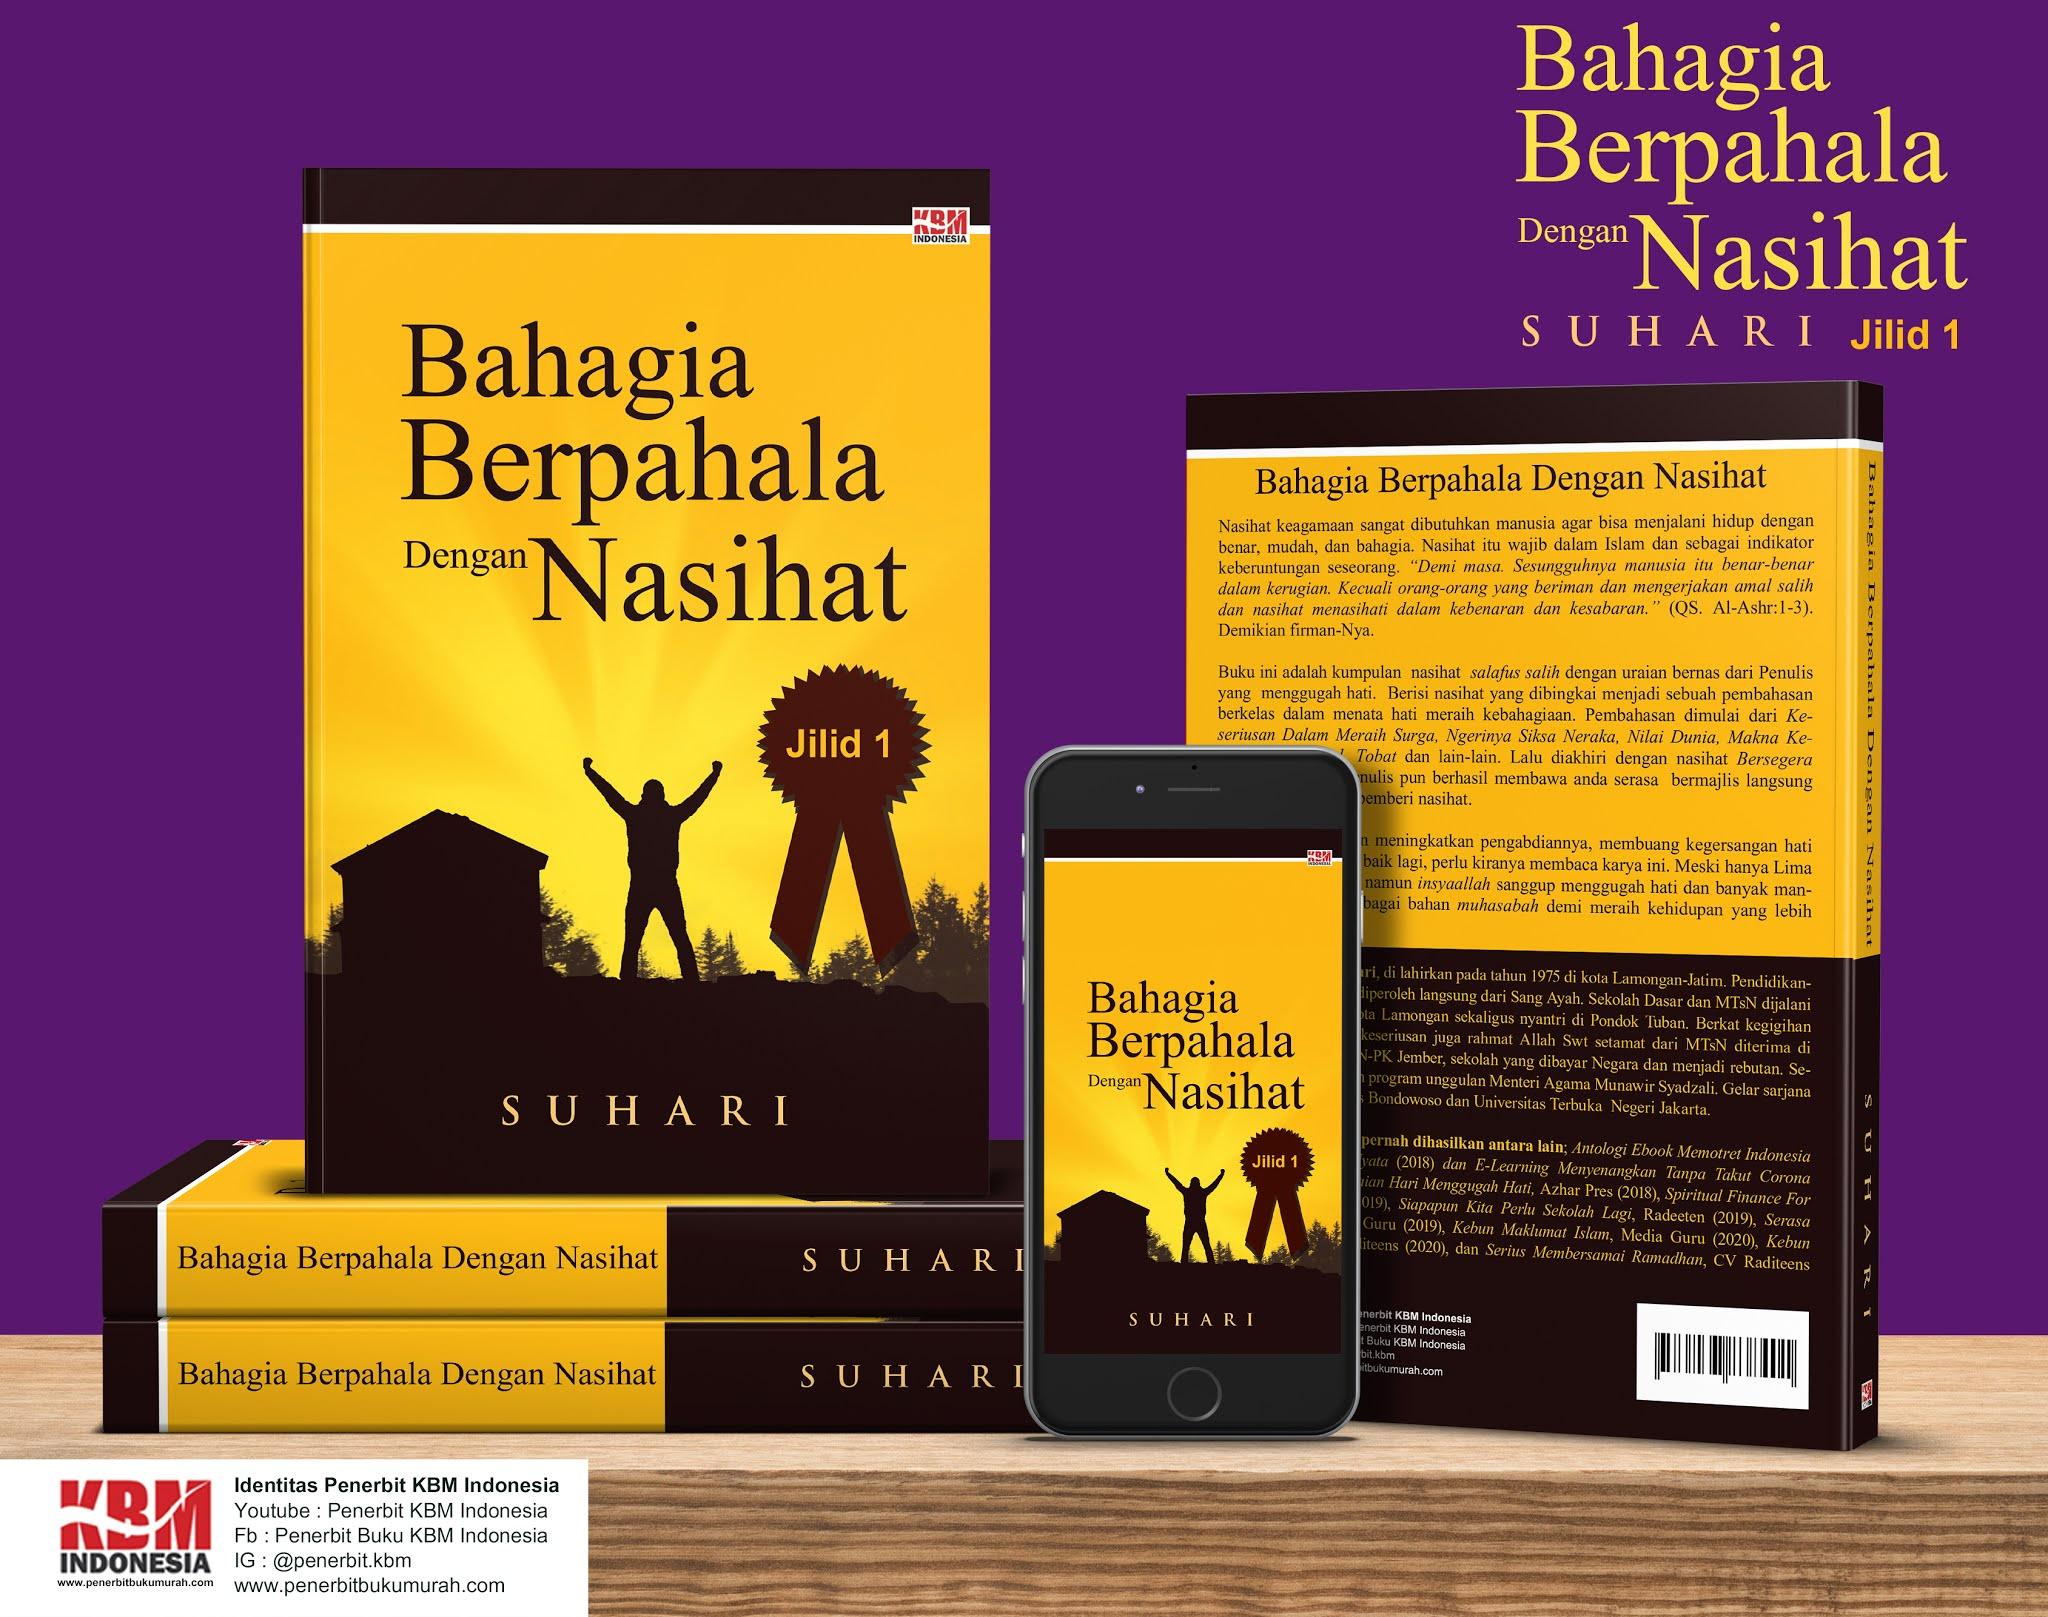 BAHAGIA BERPAHALA DENGAN NASIHAT Jilid 1